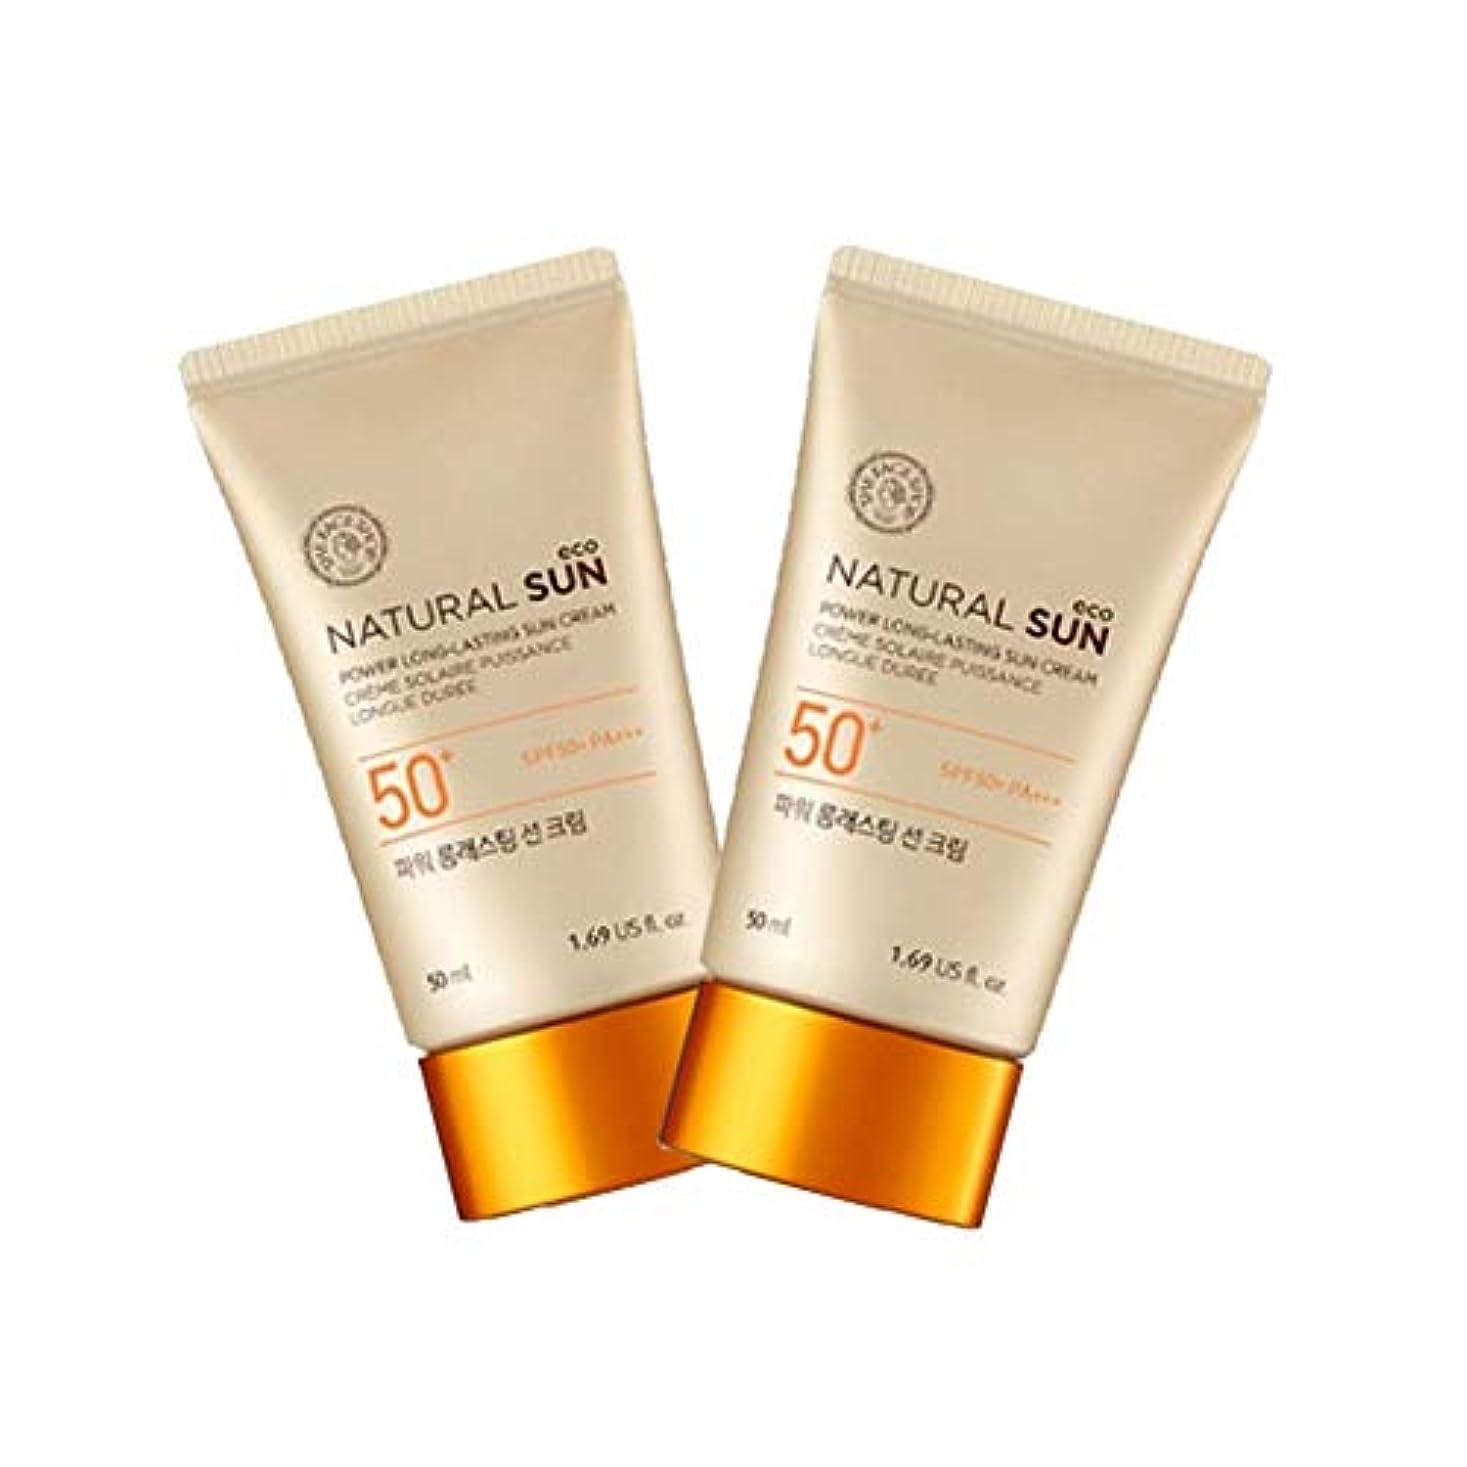 呼吸する不要ラダザ?フェイスショップナチュラルサンエコパワーロングラスティングサンクリーム50mlx2本セット韓国コスメ、The Face Shop Natural Sun Eco Power Long Lasting Sun Cream...